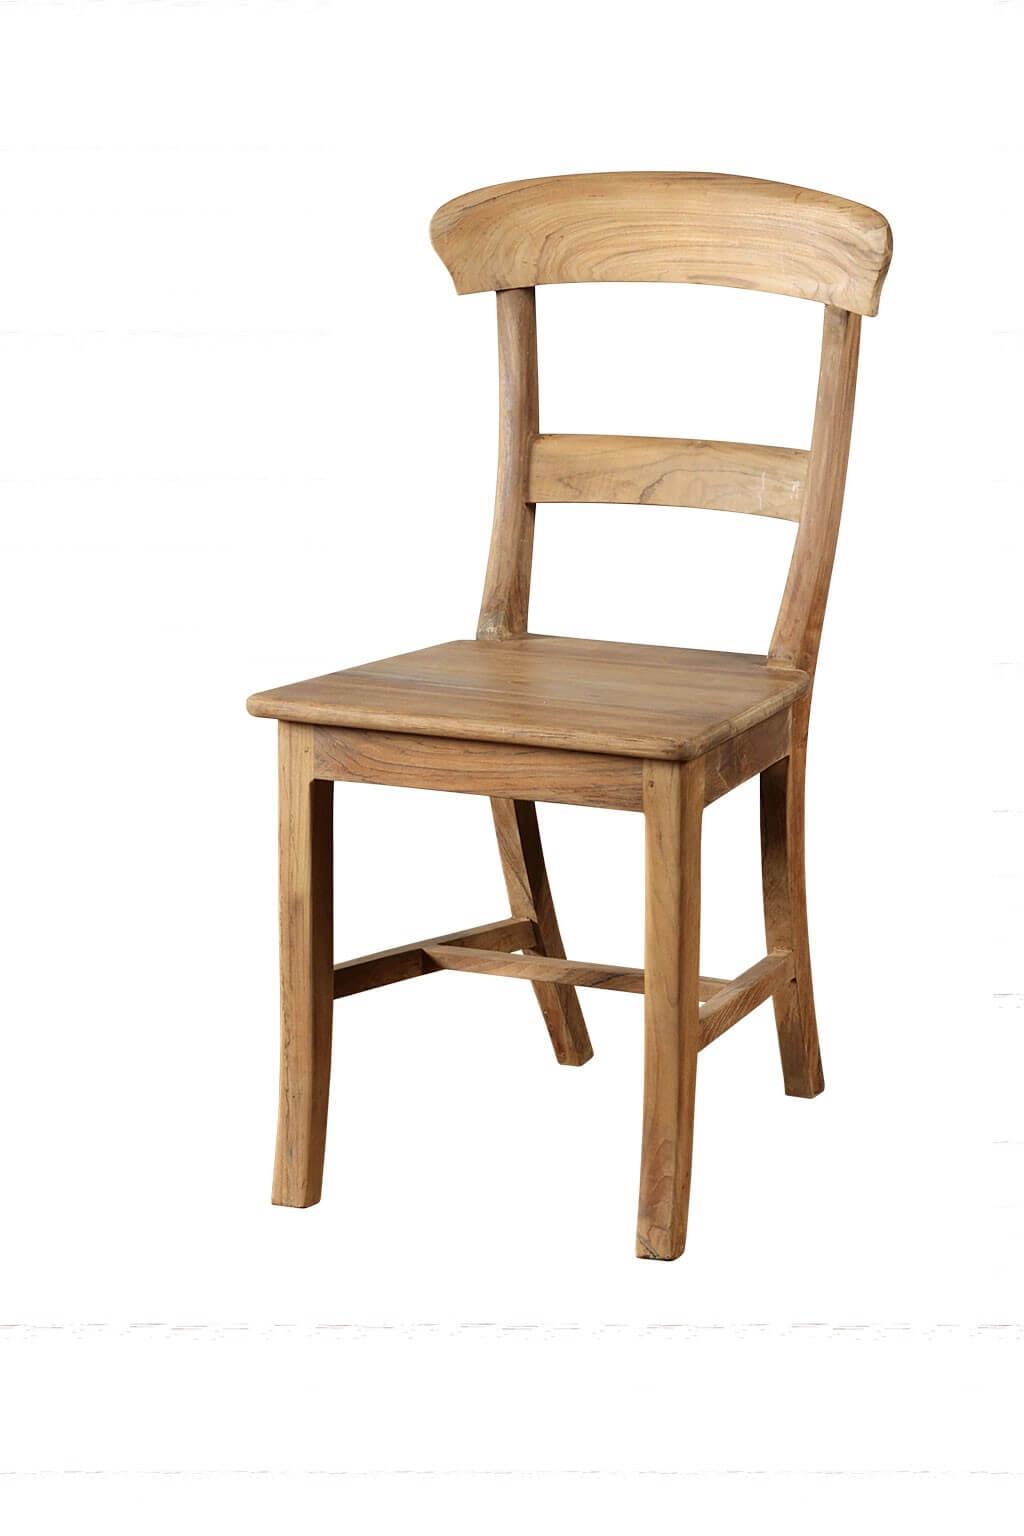 Eetkamerstoel barback teak en wood for Eetkamer stoel